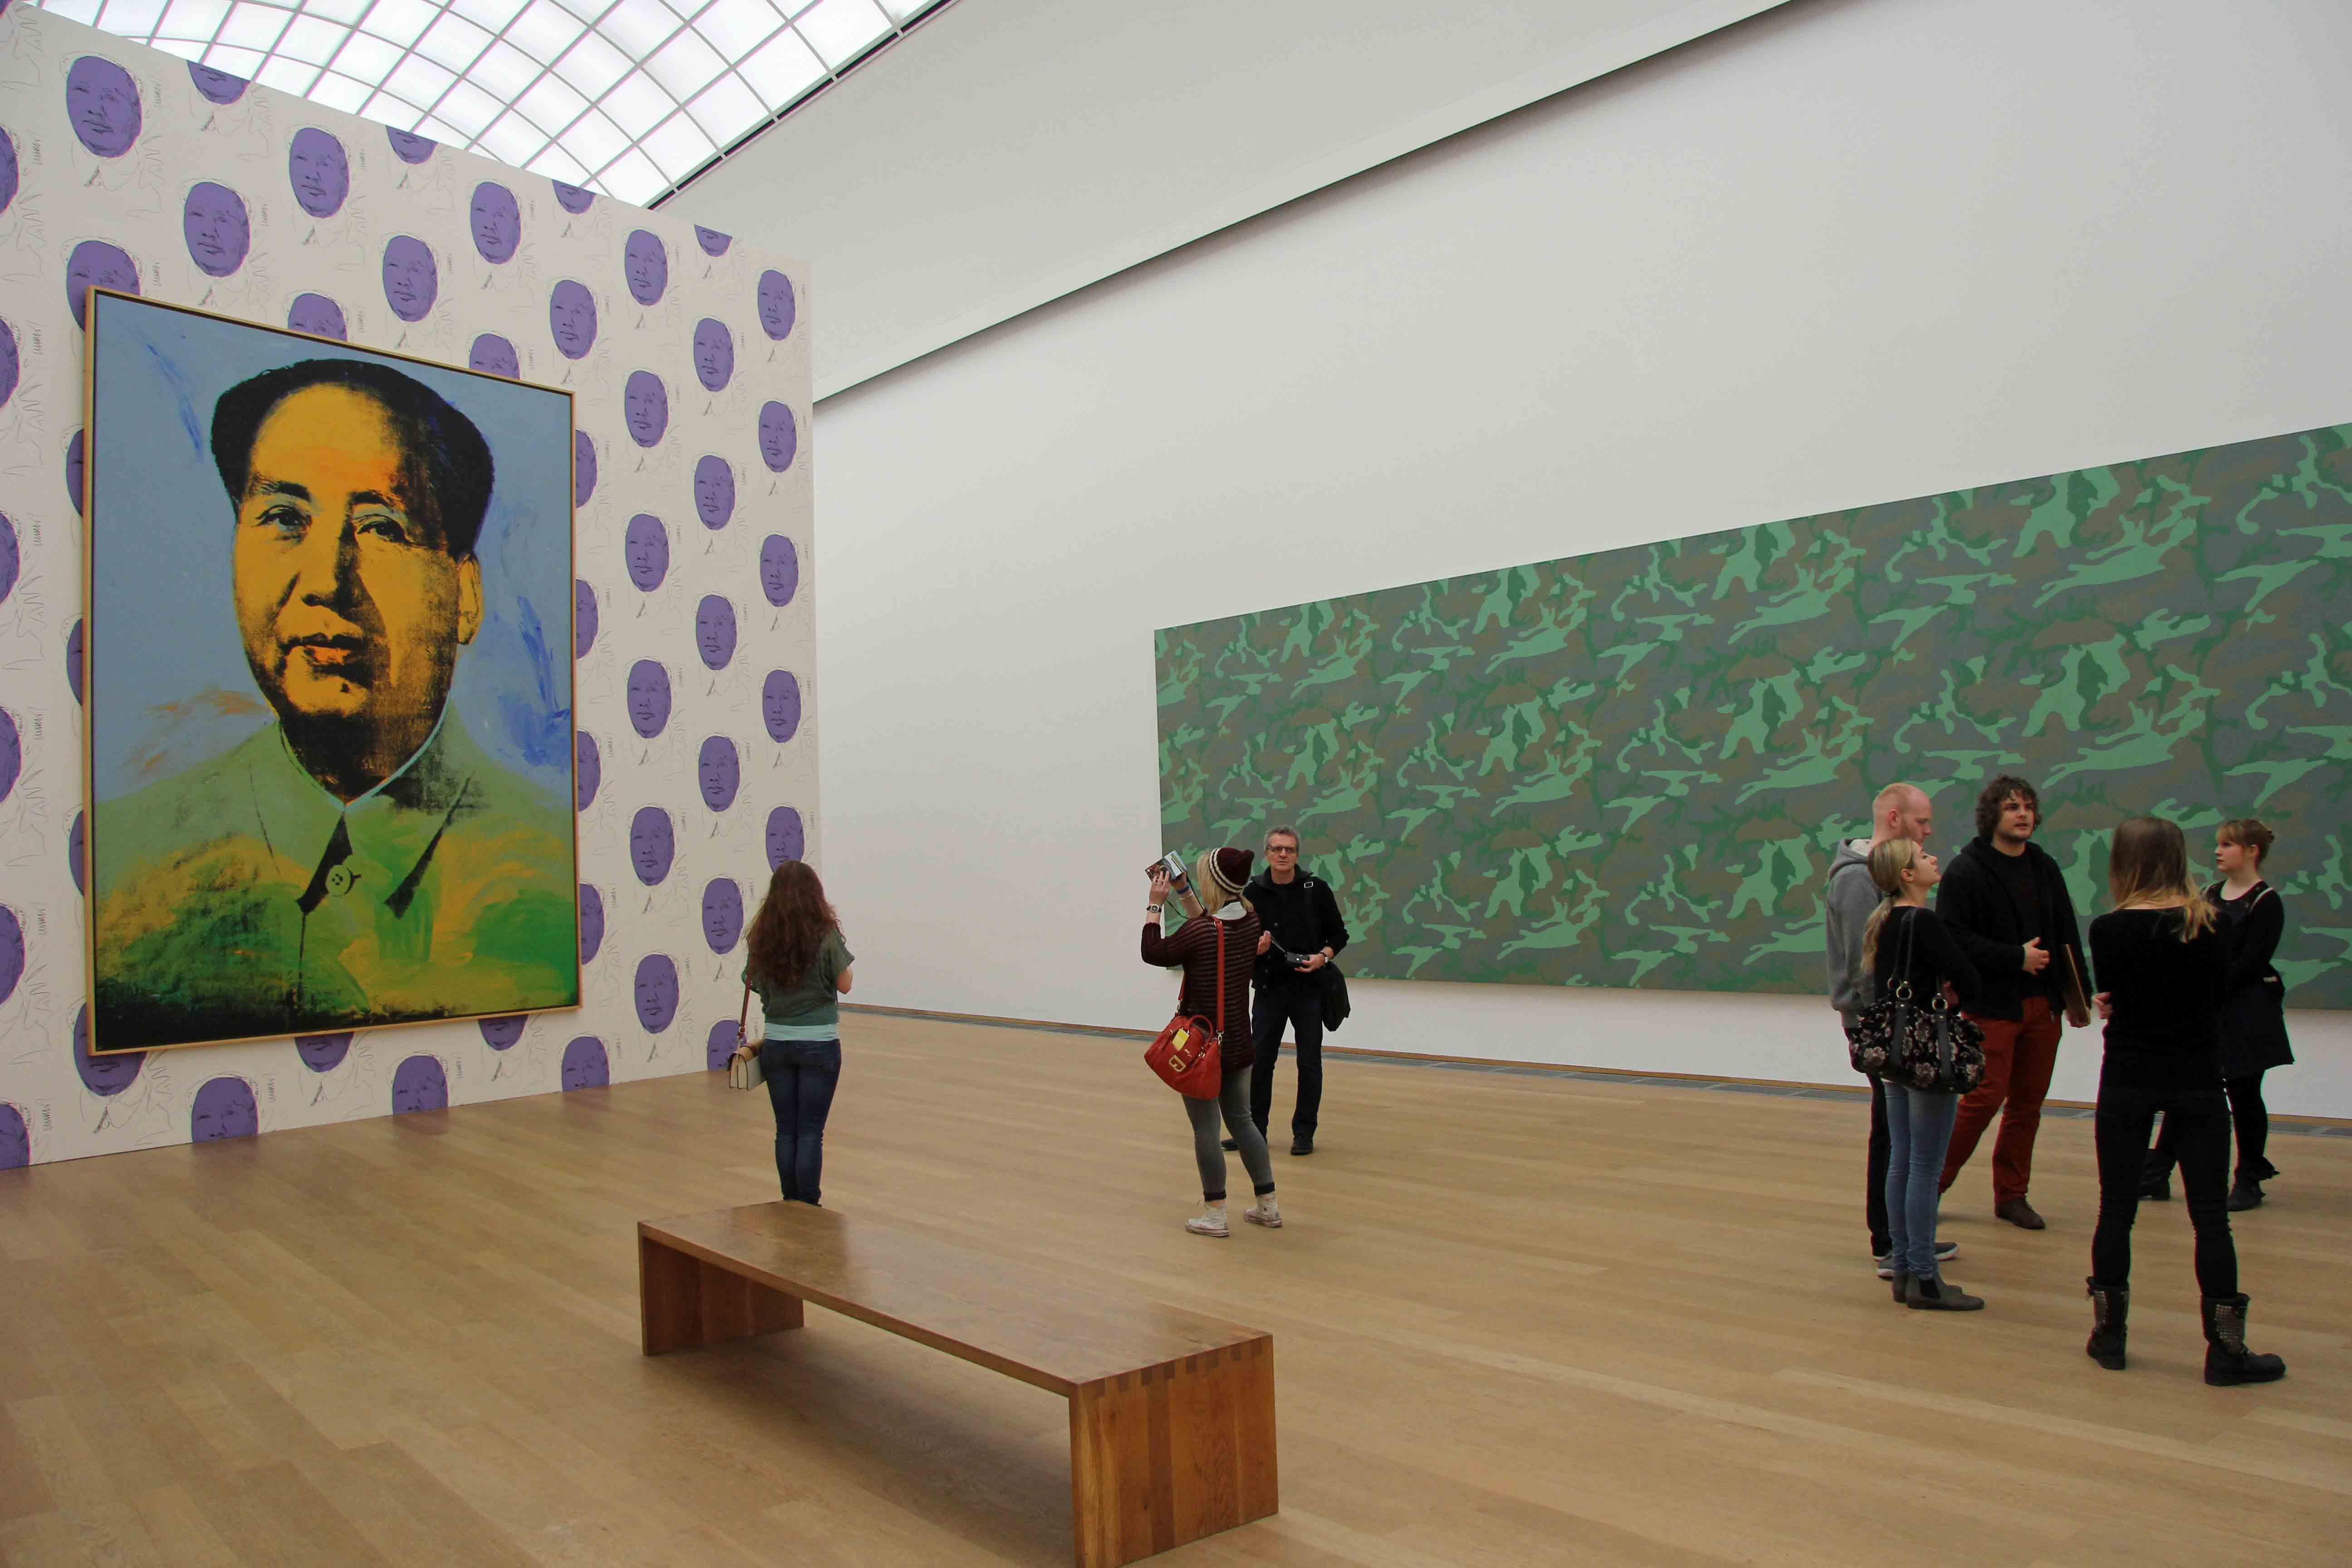 Andy Warhol - Mao - at Hamburger Bahnhof - Museum für Gegenwart